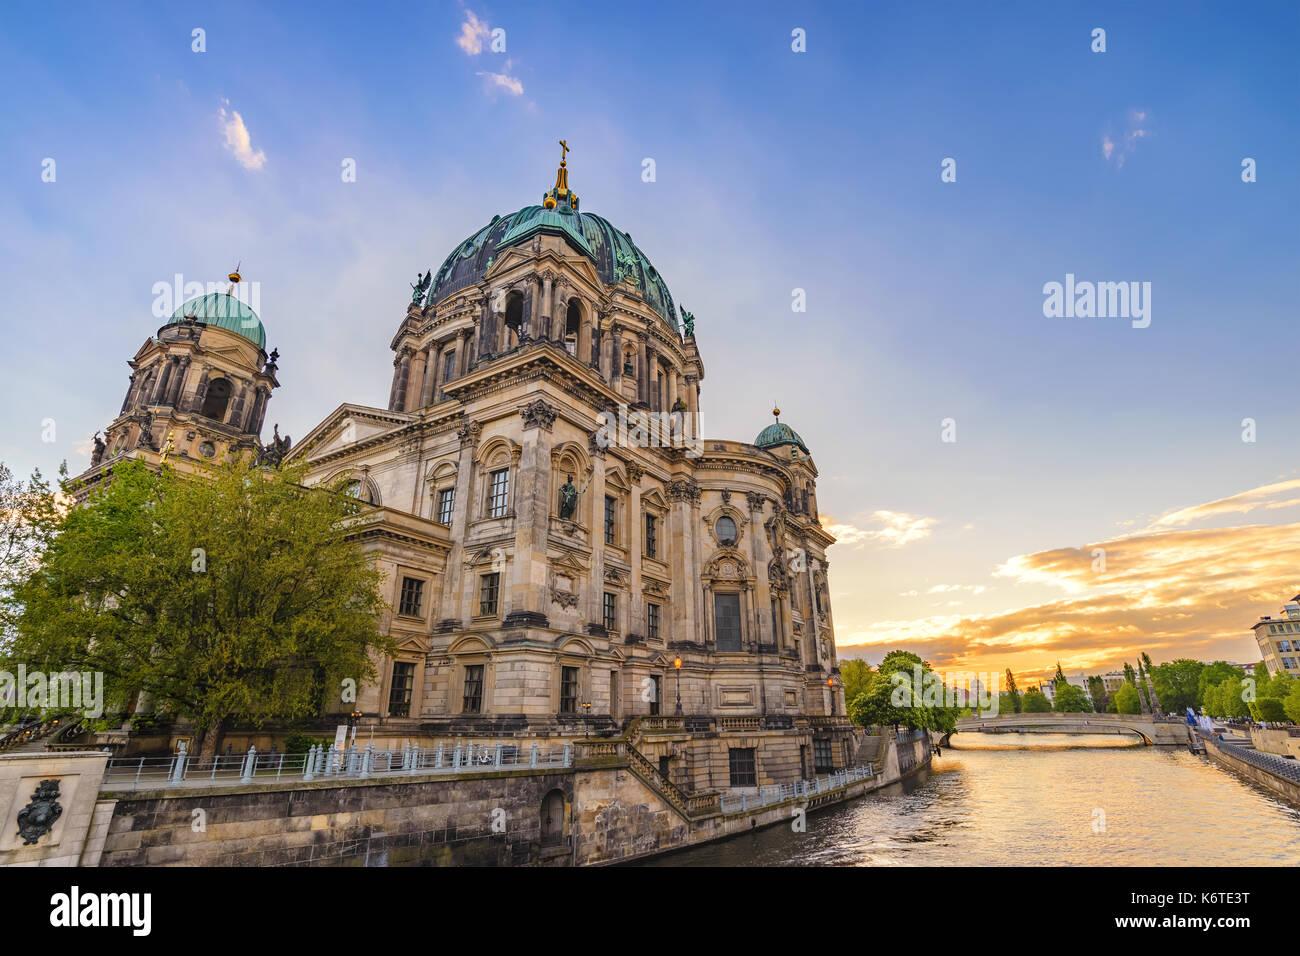 Puesta de sol en el horizonte de la ciudad de Berlín la catedral de Berlín (Berliner Dom), Berlín, Alemania Imagen De Stock